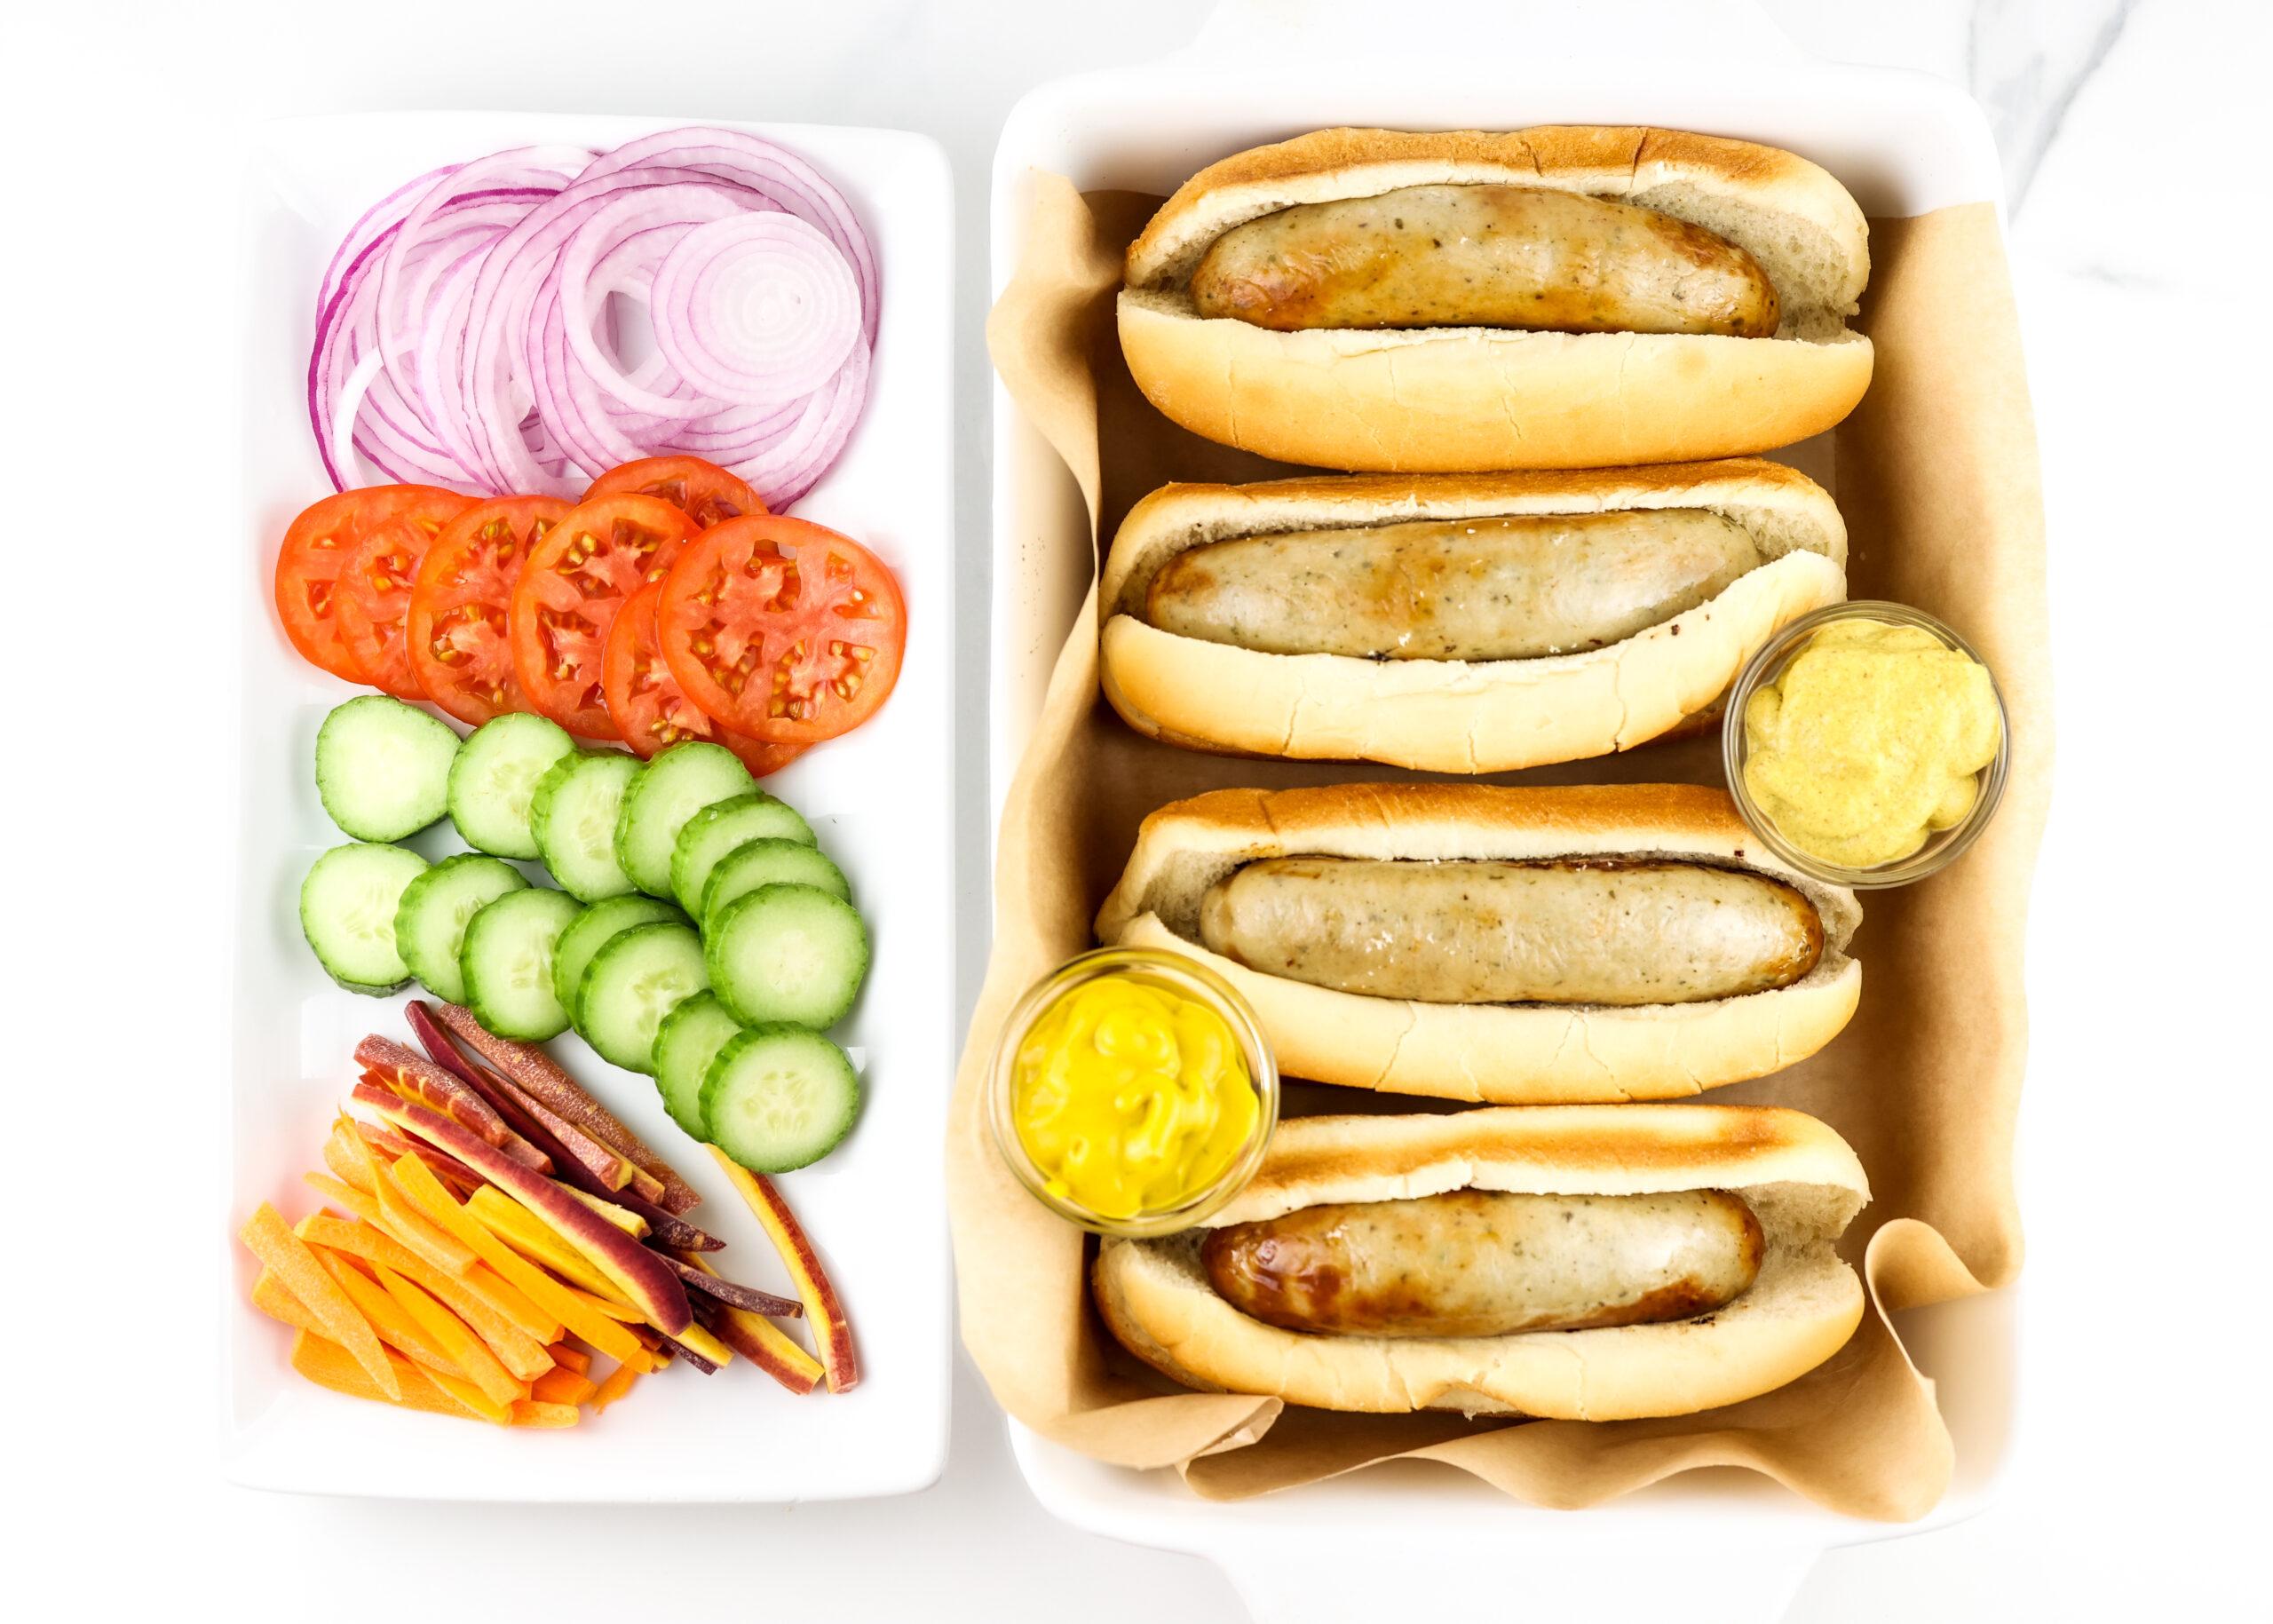 Bratwurst in buns, on a platter, alongside veggie toppings.